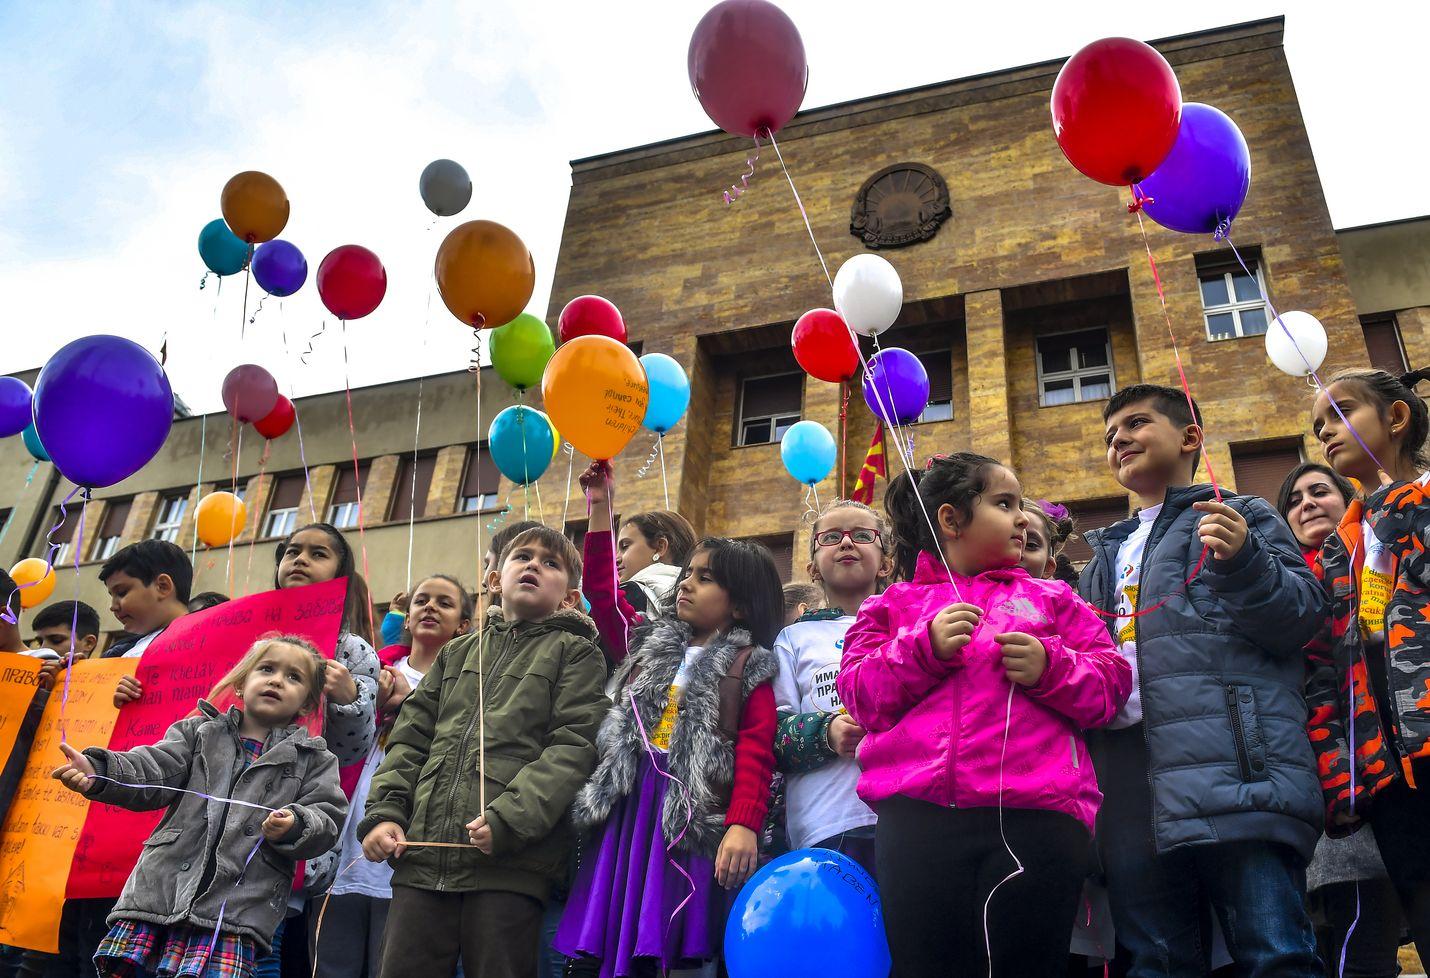 Lapset juhlistivat marraskuussa ilmapallojen kanssa kansainvälistä lapsen oikeuksien päivää Pohjois-Makedonian pääkaupungissa Skopjessa.